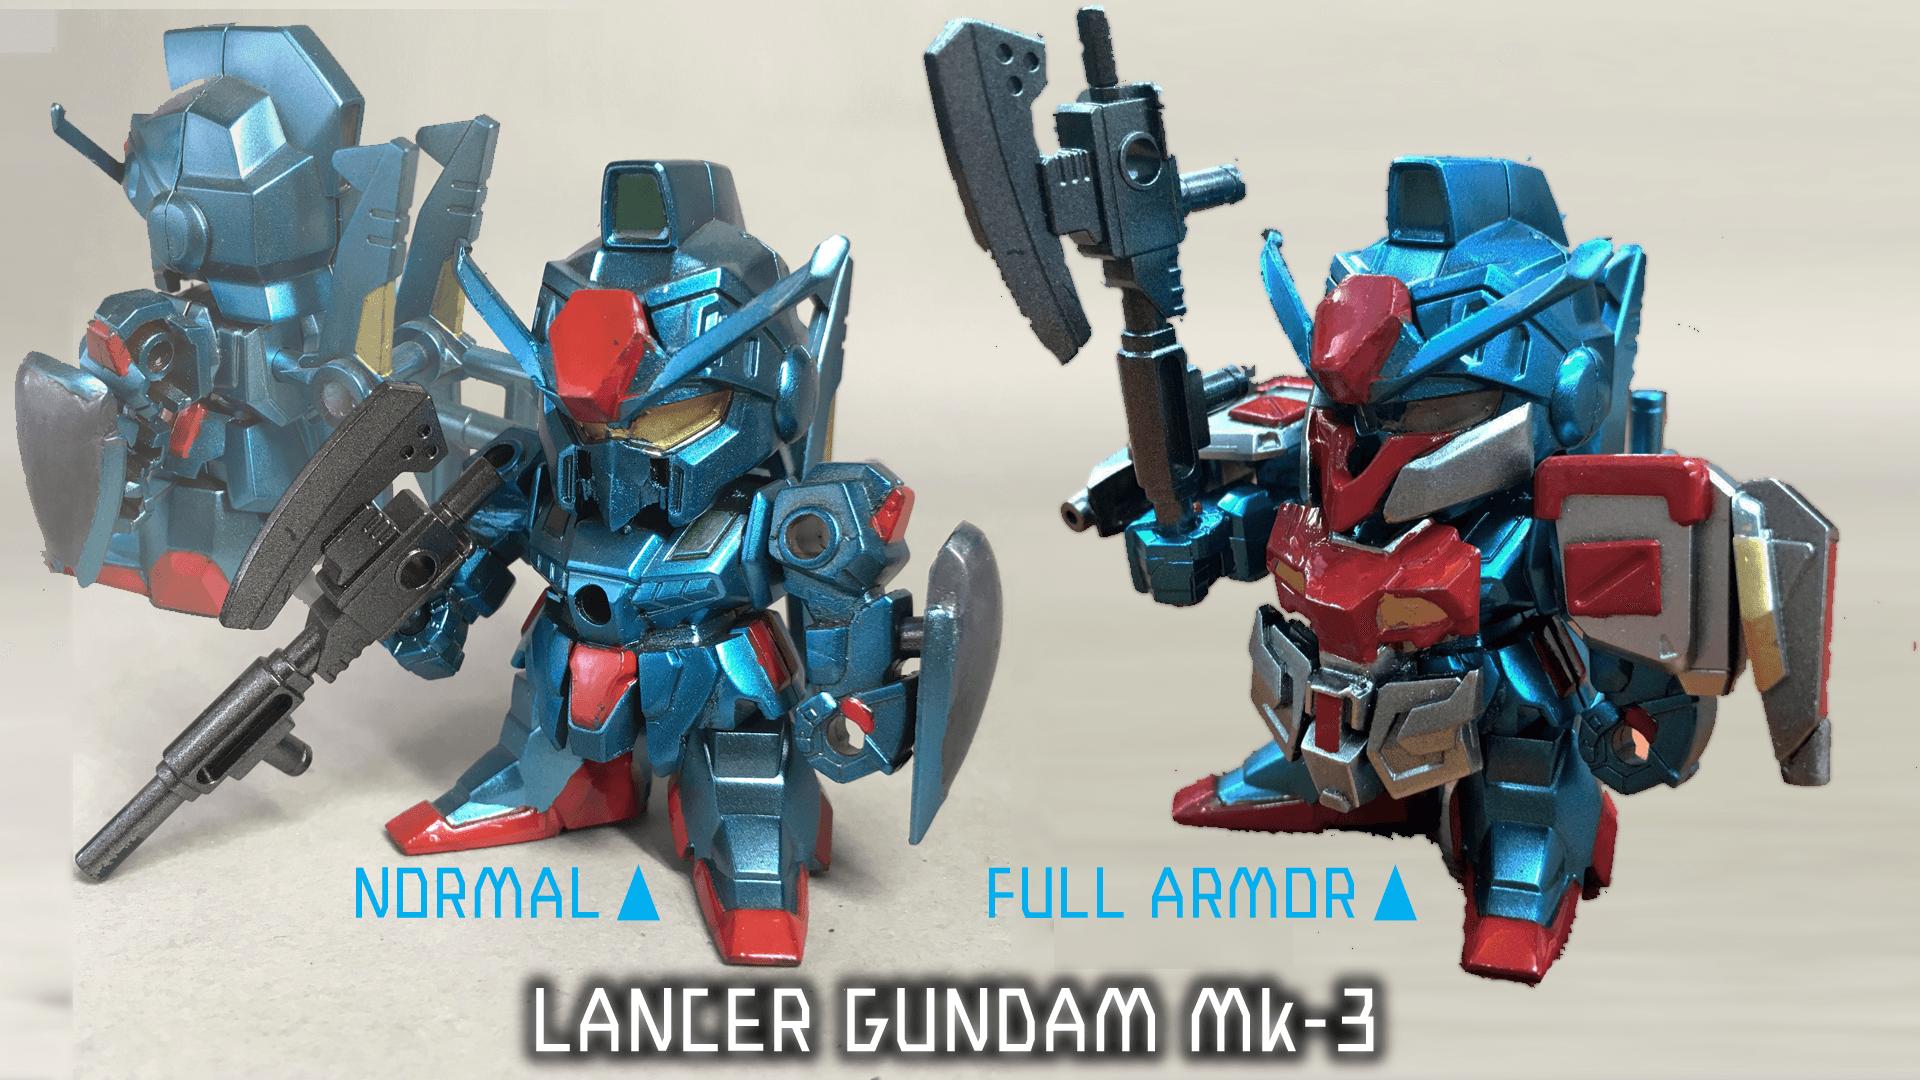 ガンダム フル mk iii アーマー